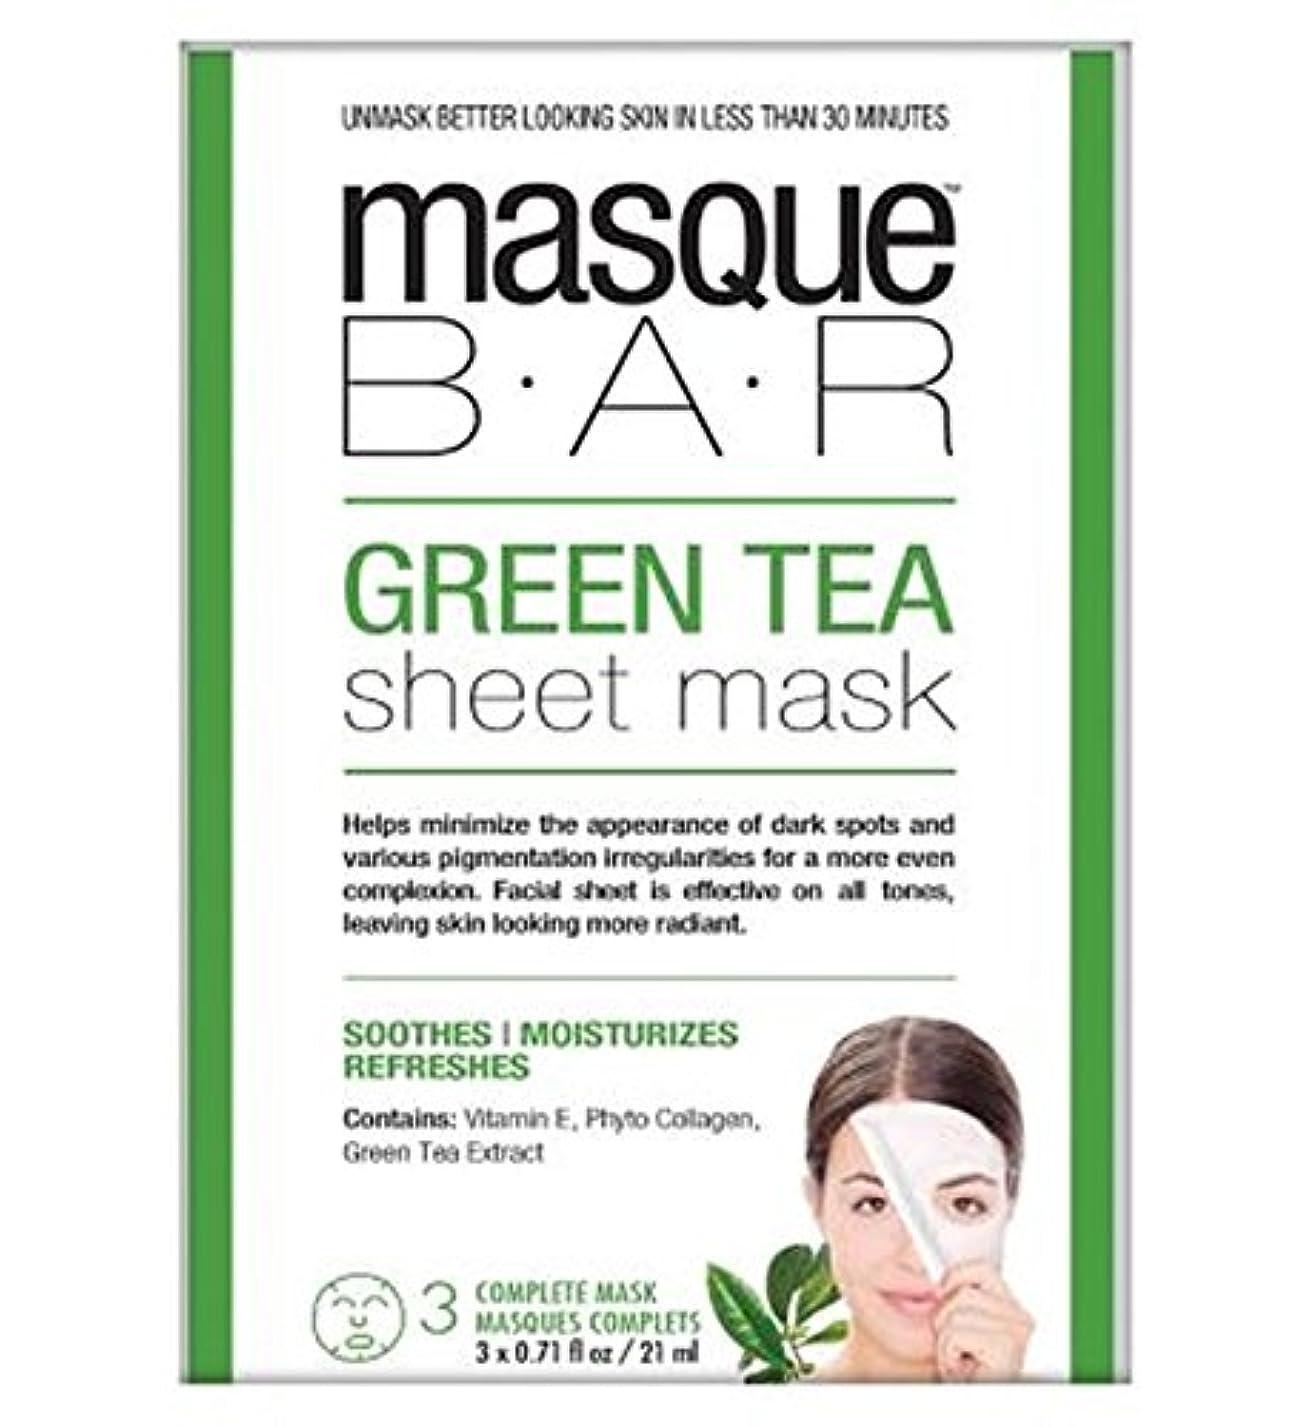 努力するシフト汚染Masque Bar Green Tea Sheet Mask - 3 complete masks - 仮面劇バー緑茶シートマスク - 3完全なマスク (P6B Masque Bar Bt) [並行輸入品]